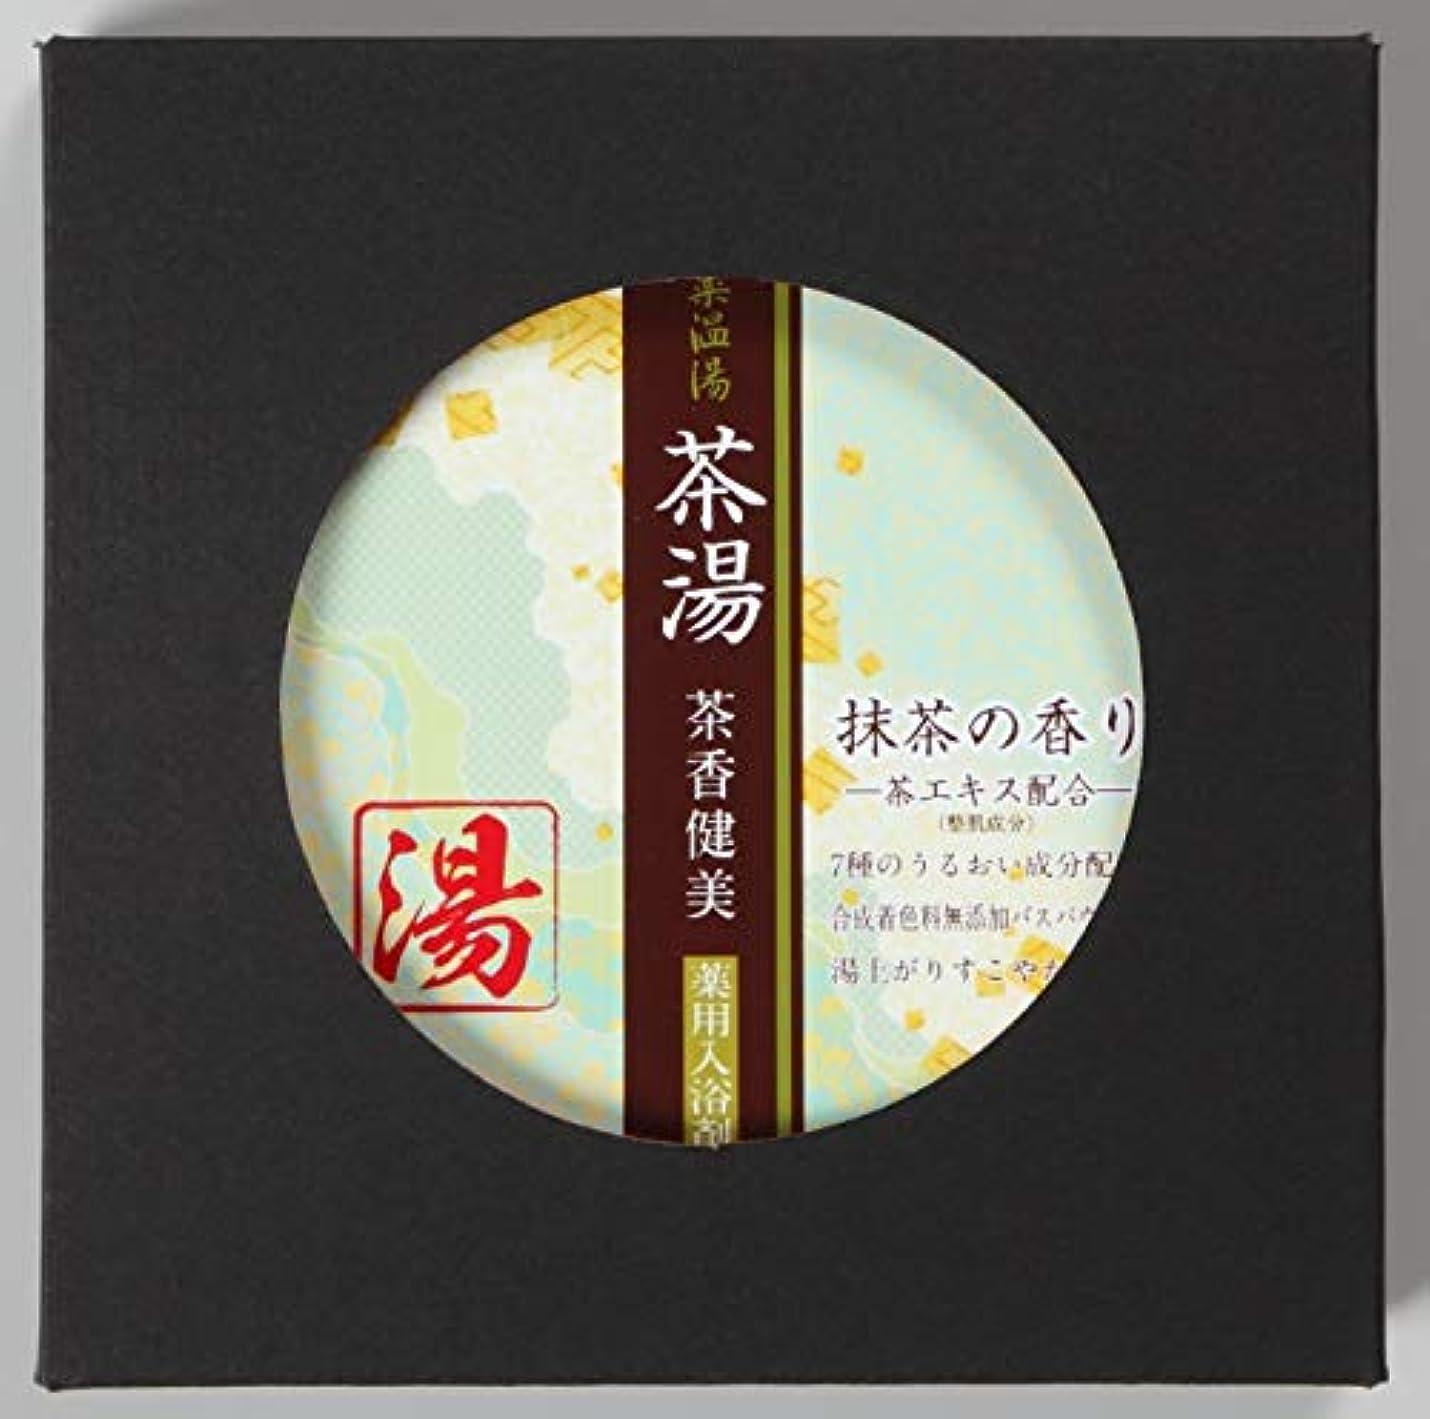 薬温湯 茶湯 入浴料 抹茶の香り POF-10M